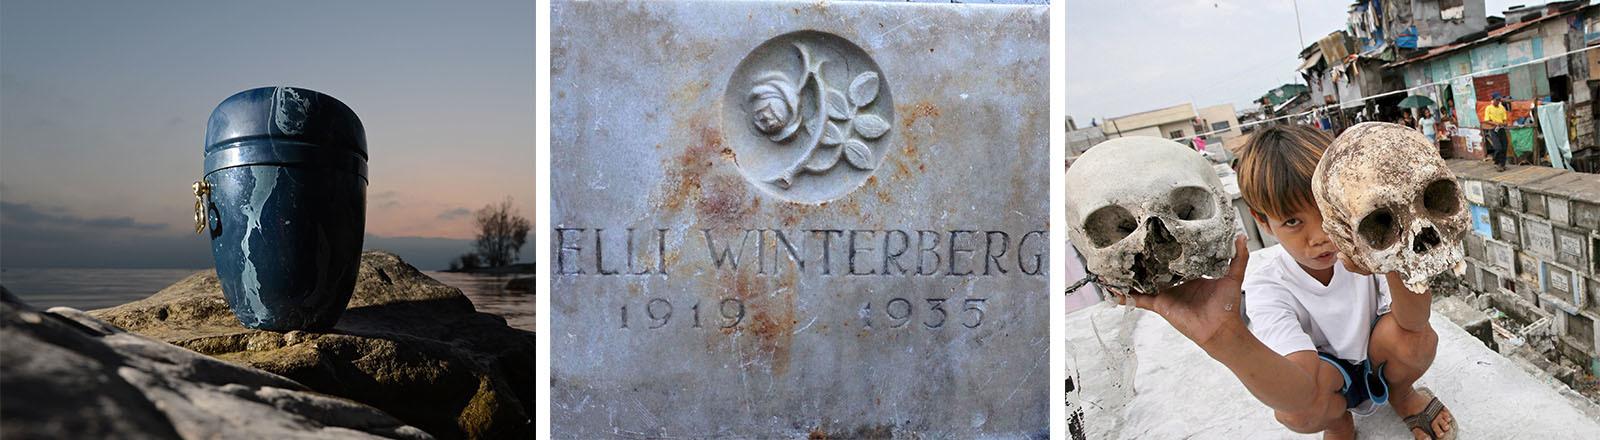 Eine Urne, der Grabstein von Elli Winterberg, ein Junge mit zwei Totenschädeln auf einem Friedhof in Manila